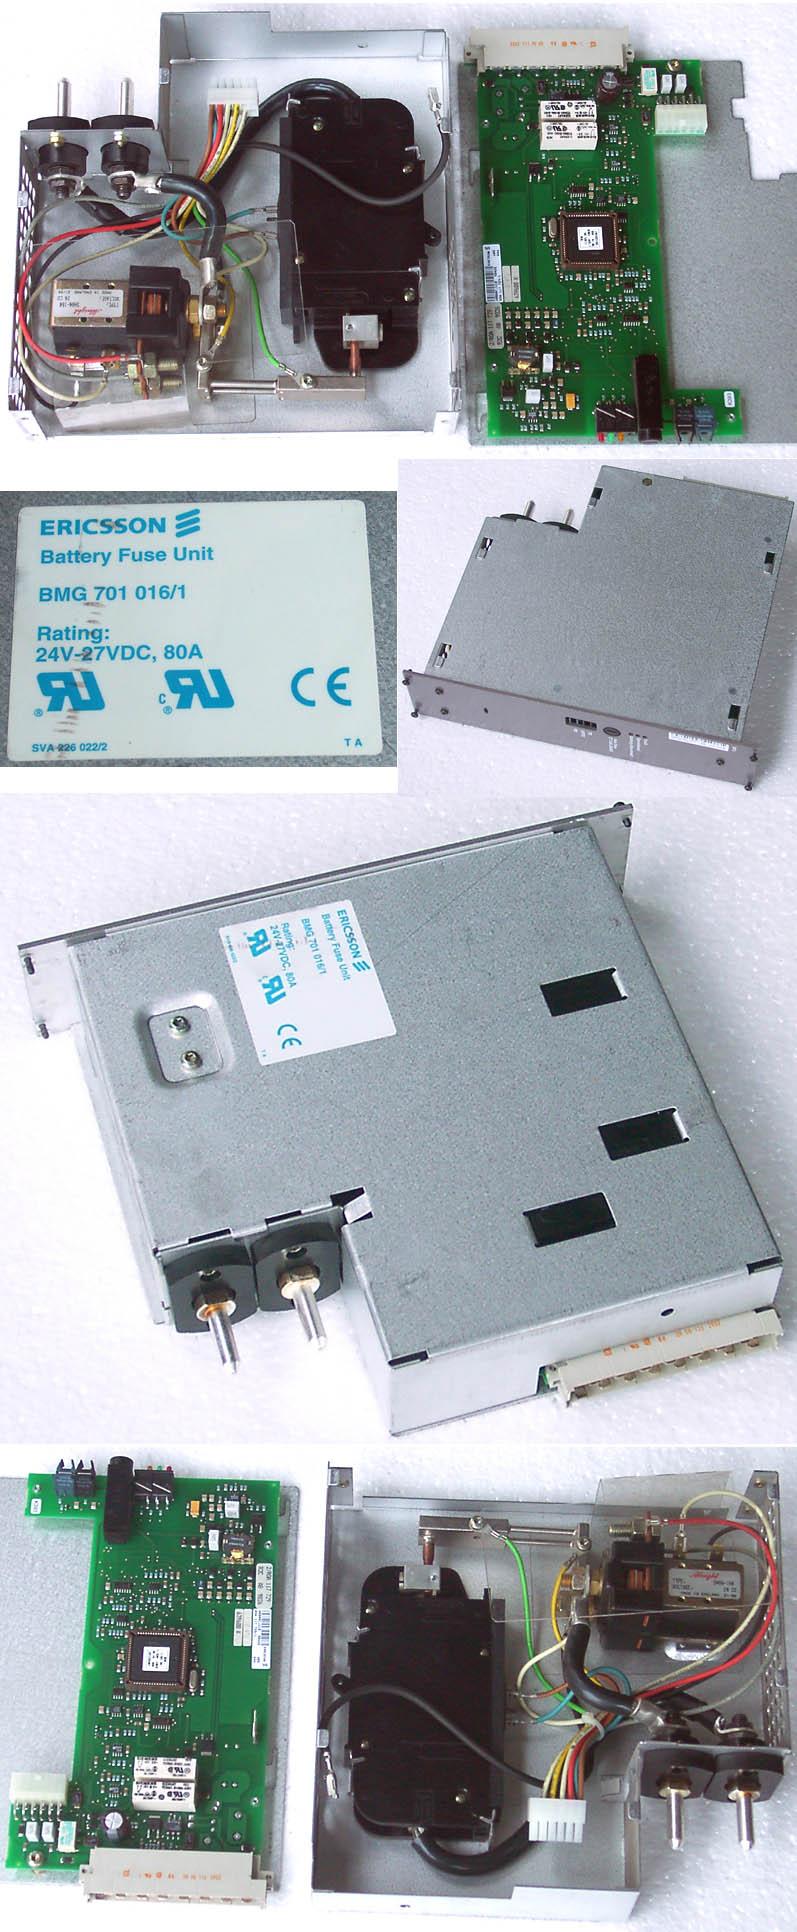 进口设备拆下,外观8成新,每只都带导轨安装底座。 欧姆龙MY4-D 24V,占用29毫米导轨位置,线圈电压24VDC,4组常开常闭触点,触点工作电压240VAC,最大工作电流5A。每只重量约85克。数量9只。单价12元。 matching ETR2N 带LED指示灯,占用29毫米导轨位置,线圈电压220VAC,2组常开常闭触点,触点工作电压240VAC,最大工作电流10A。每只重量约87克。无货。 欧姆龙MY4N-J带LED指示灯,占用29毫米导轨位置,线圈电压220VAC,4组常开常闭触点,触点工作电压